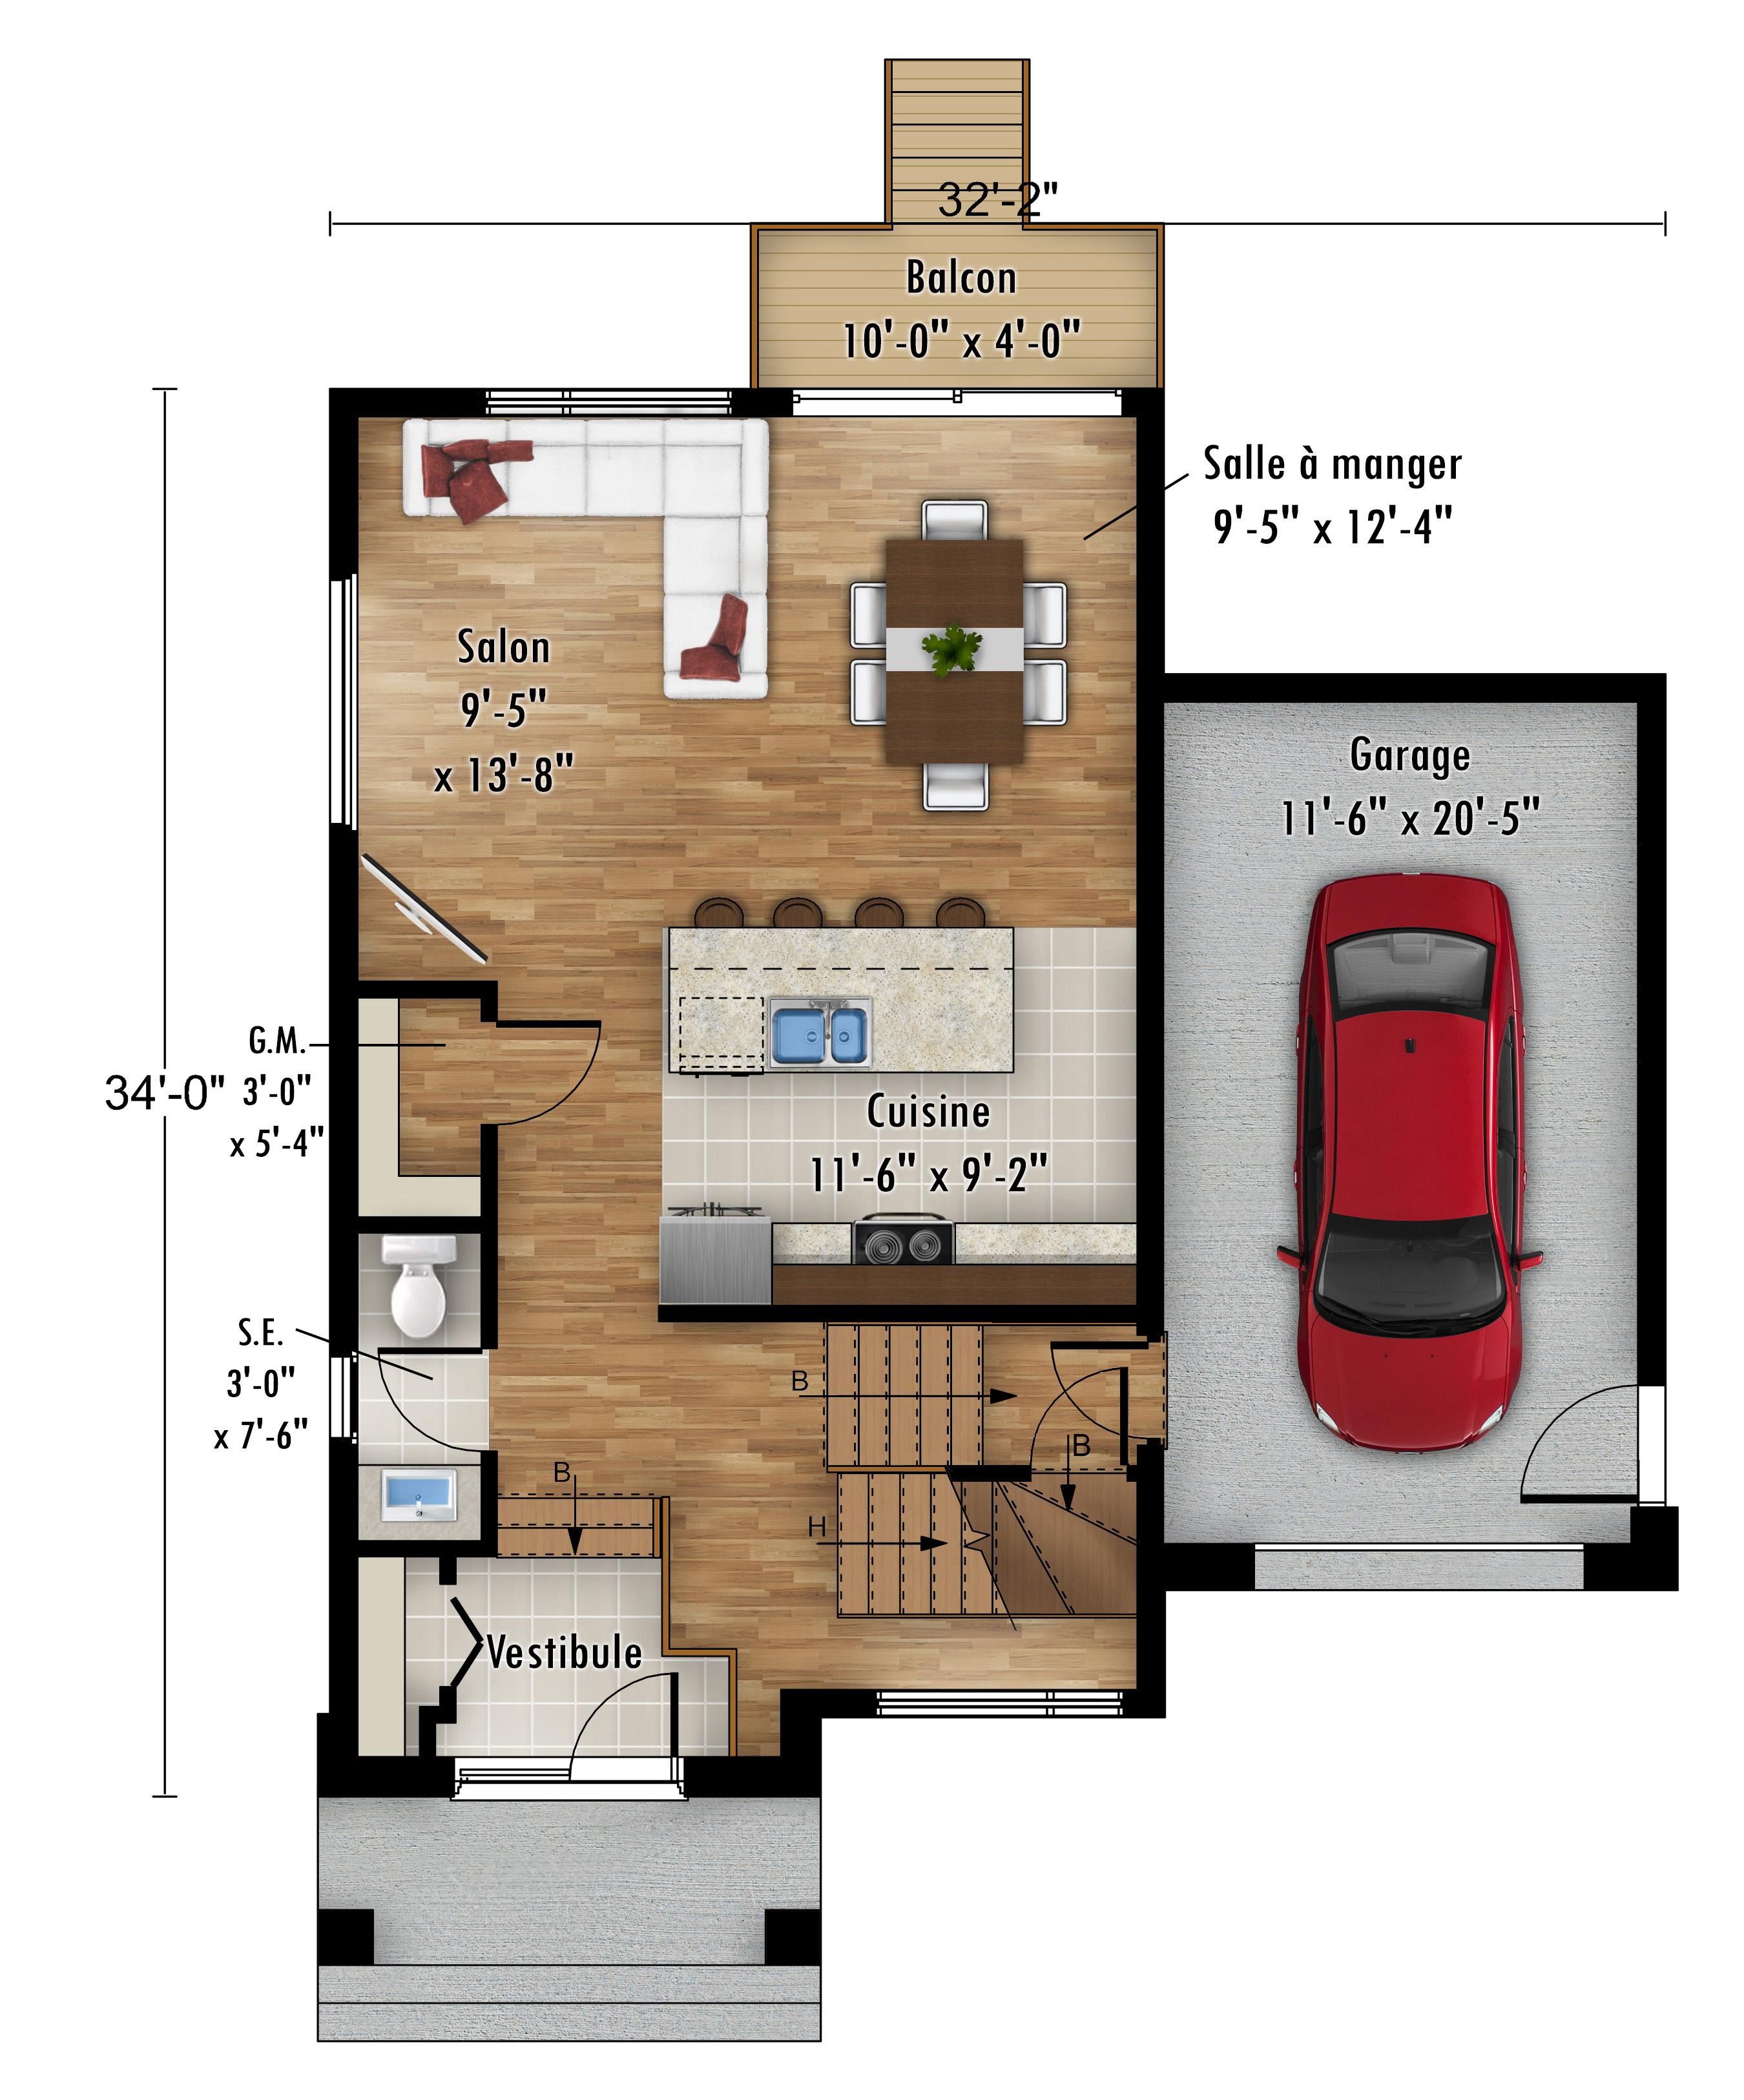 Le Sizerin - Rheault - Maisons neuves en vente à Terrebonne